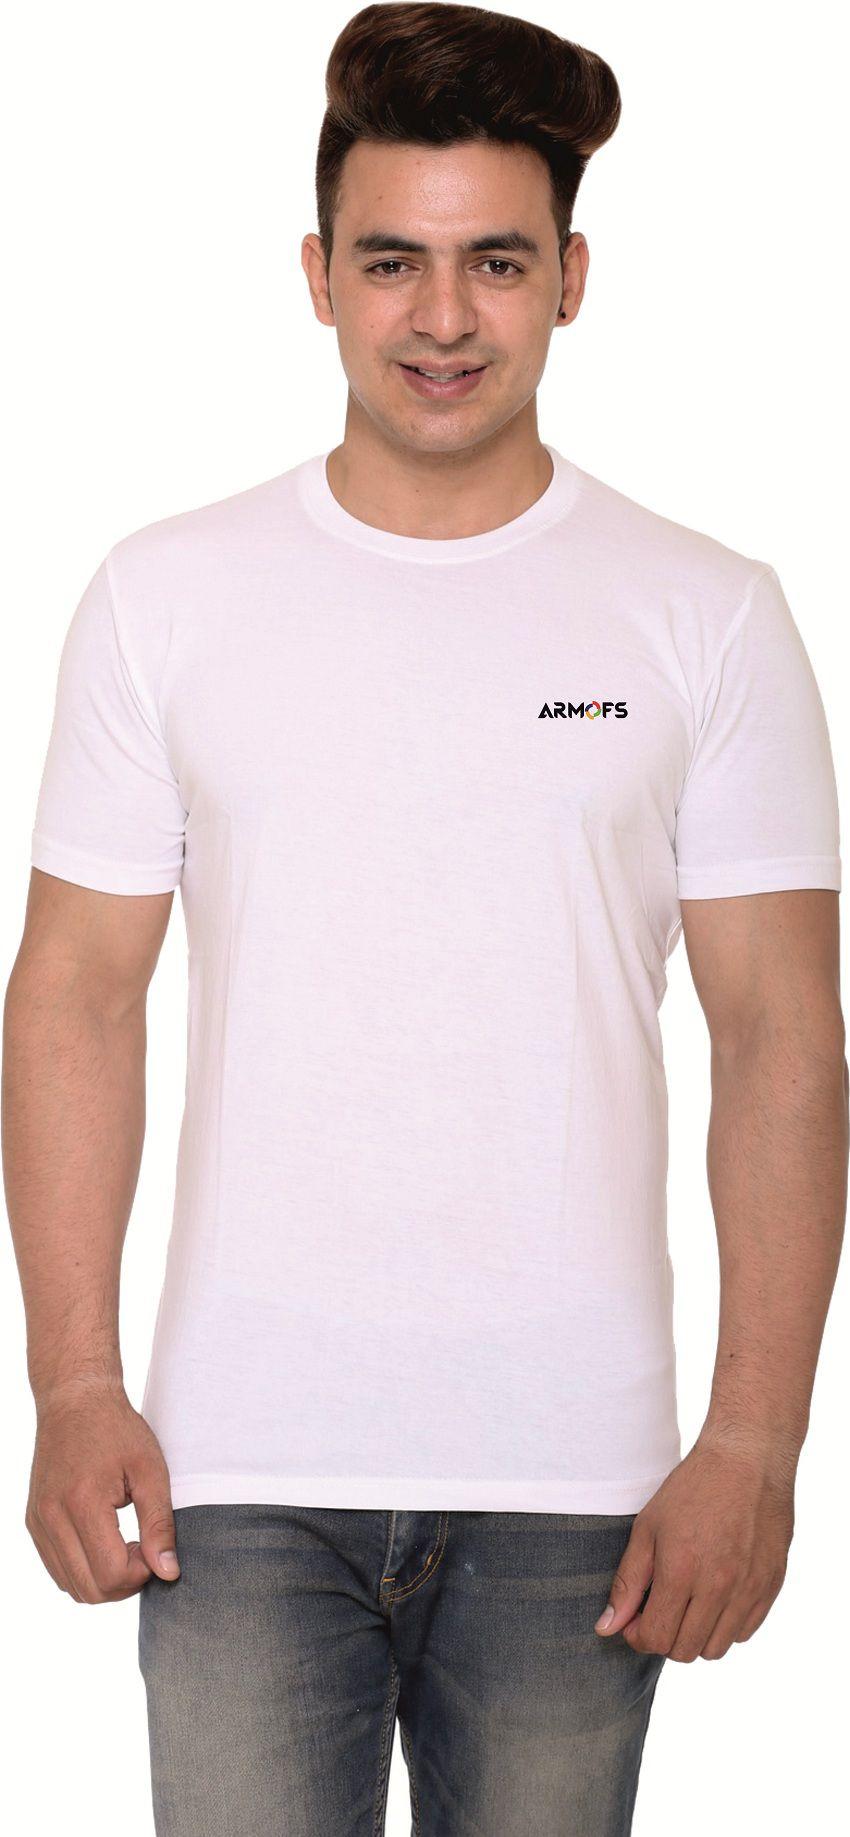 ARMOFS White Round T-Shirt Pack of 1